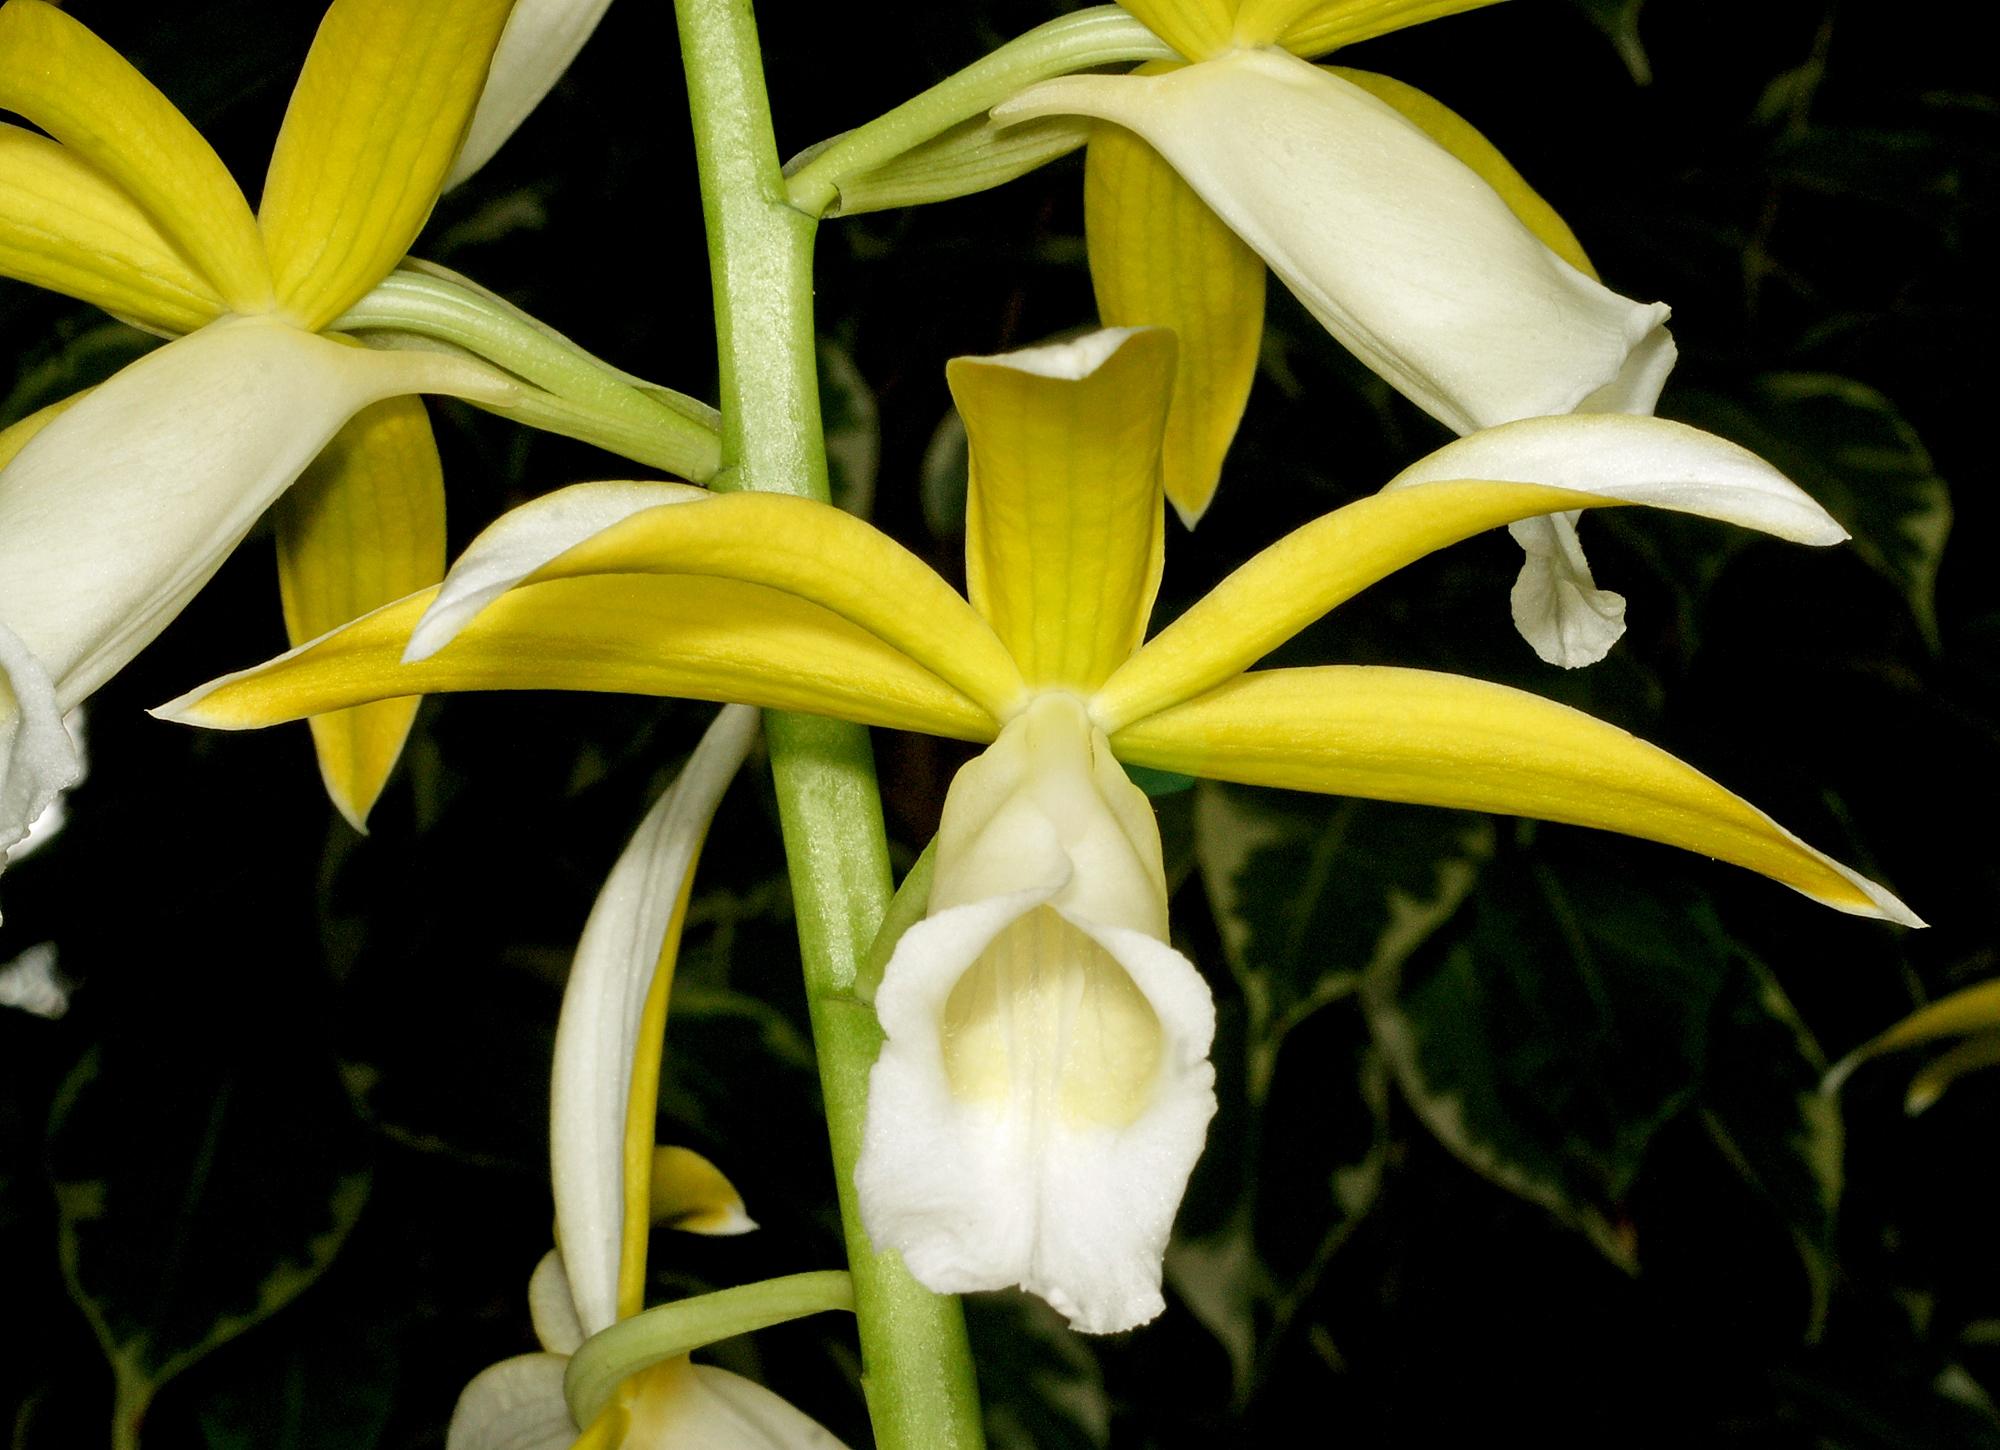 Phaius tancarvilleae alba